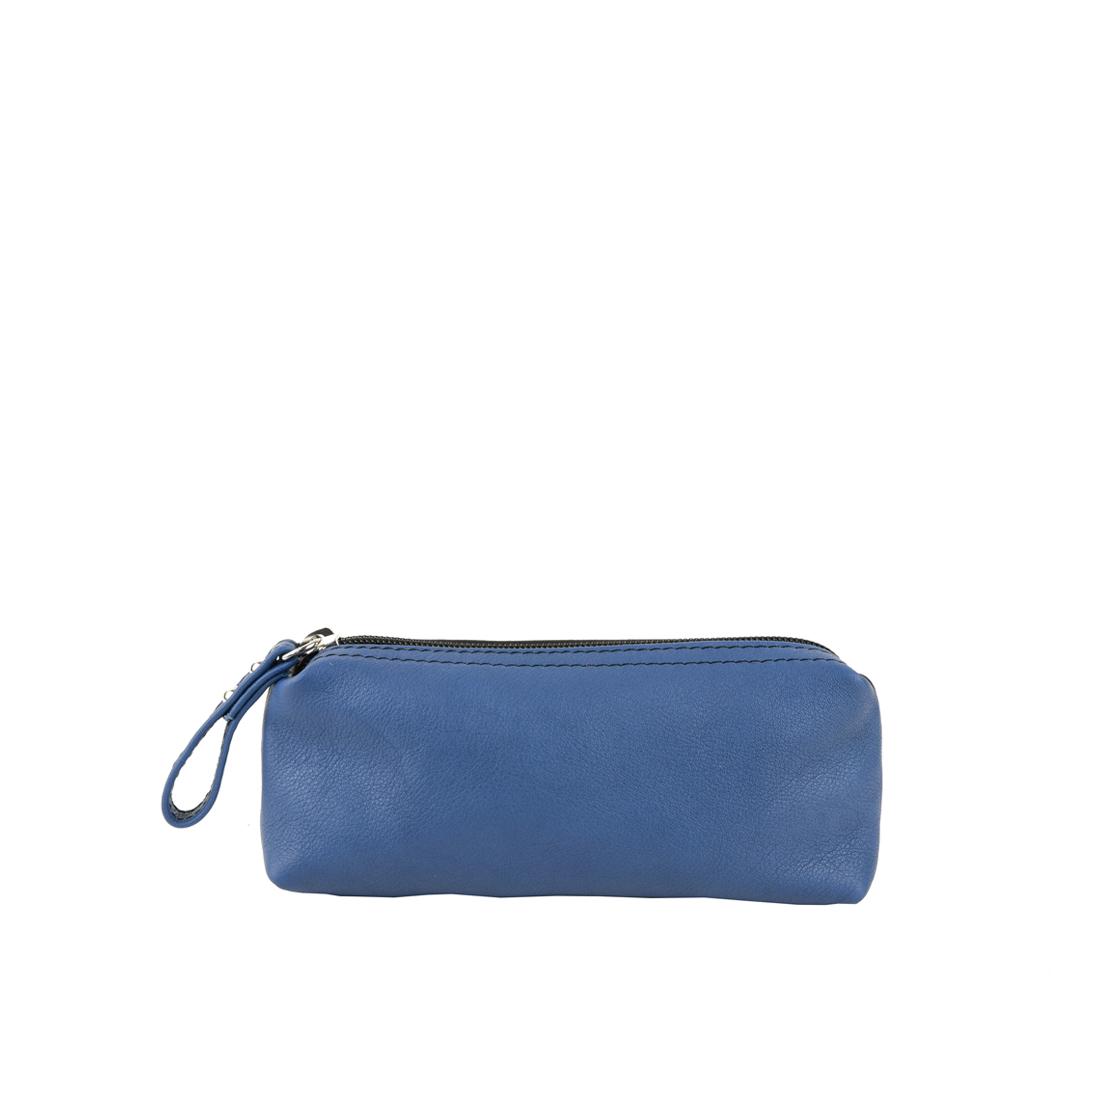 Make Up Bag In Blue